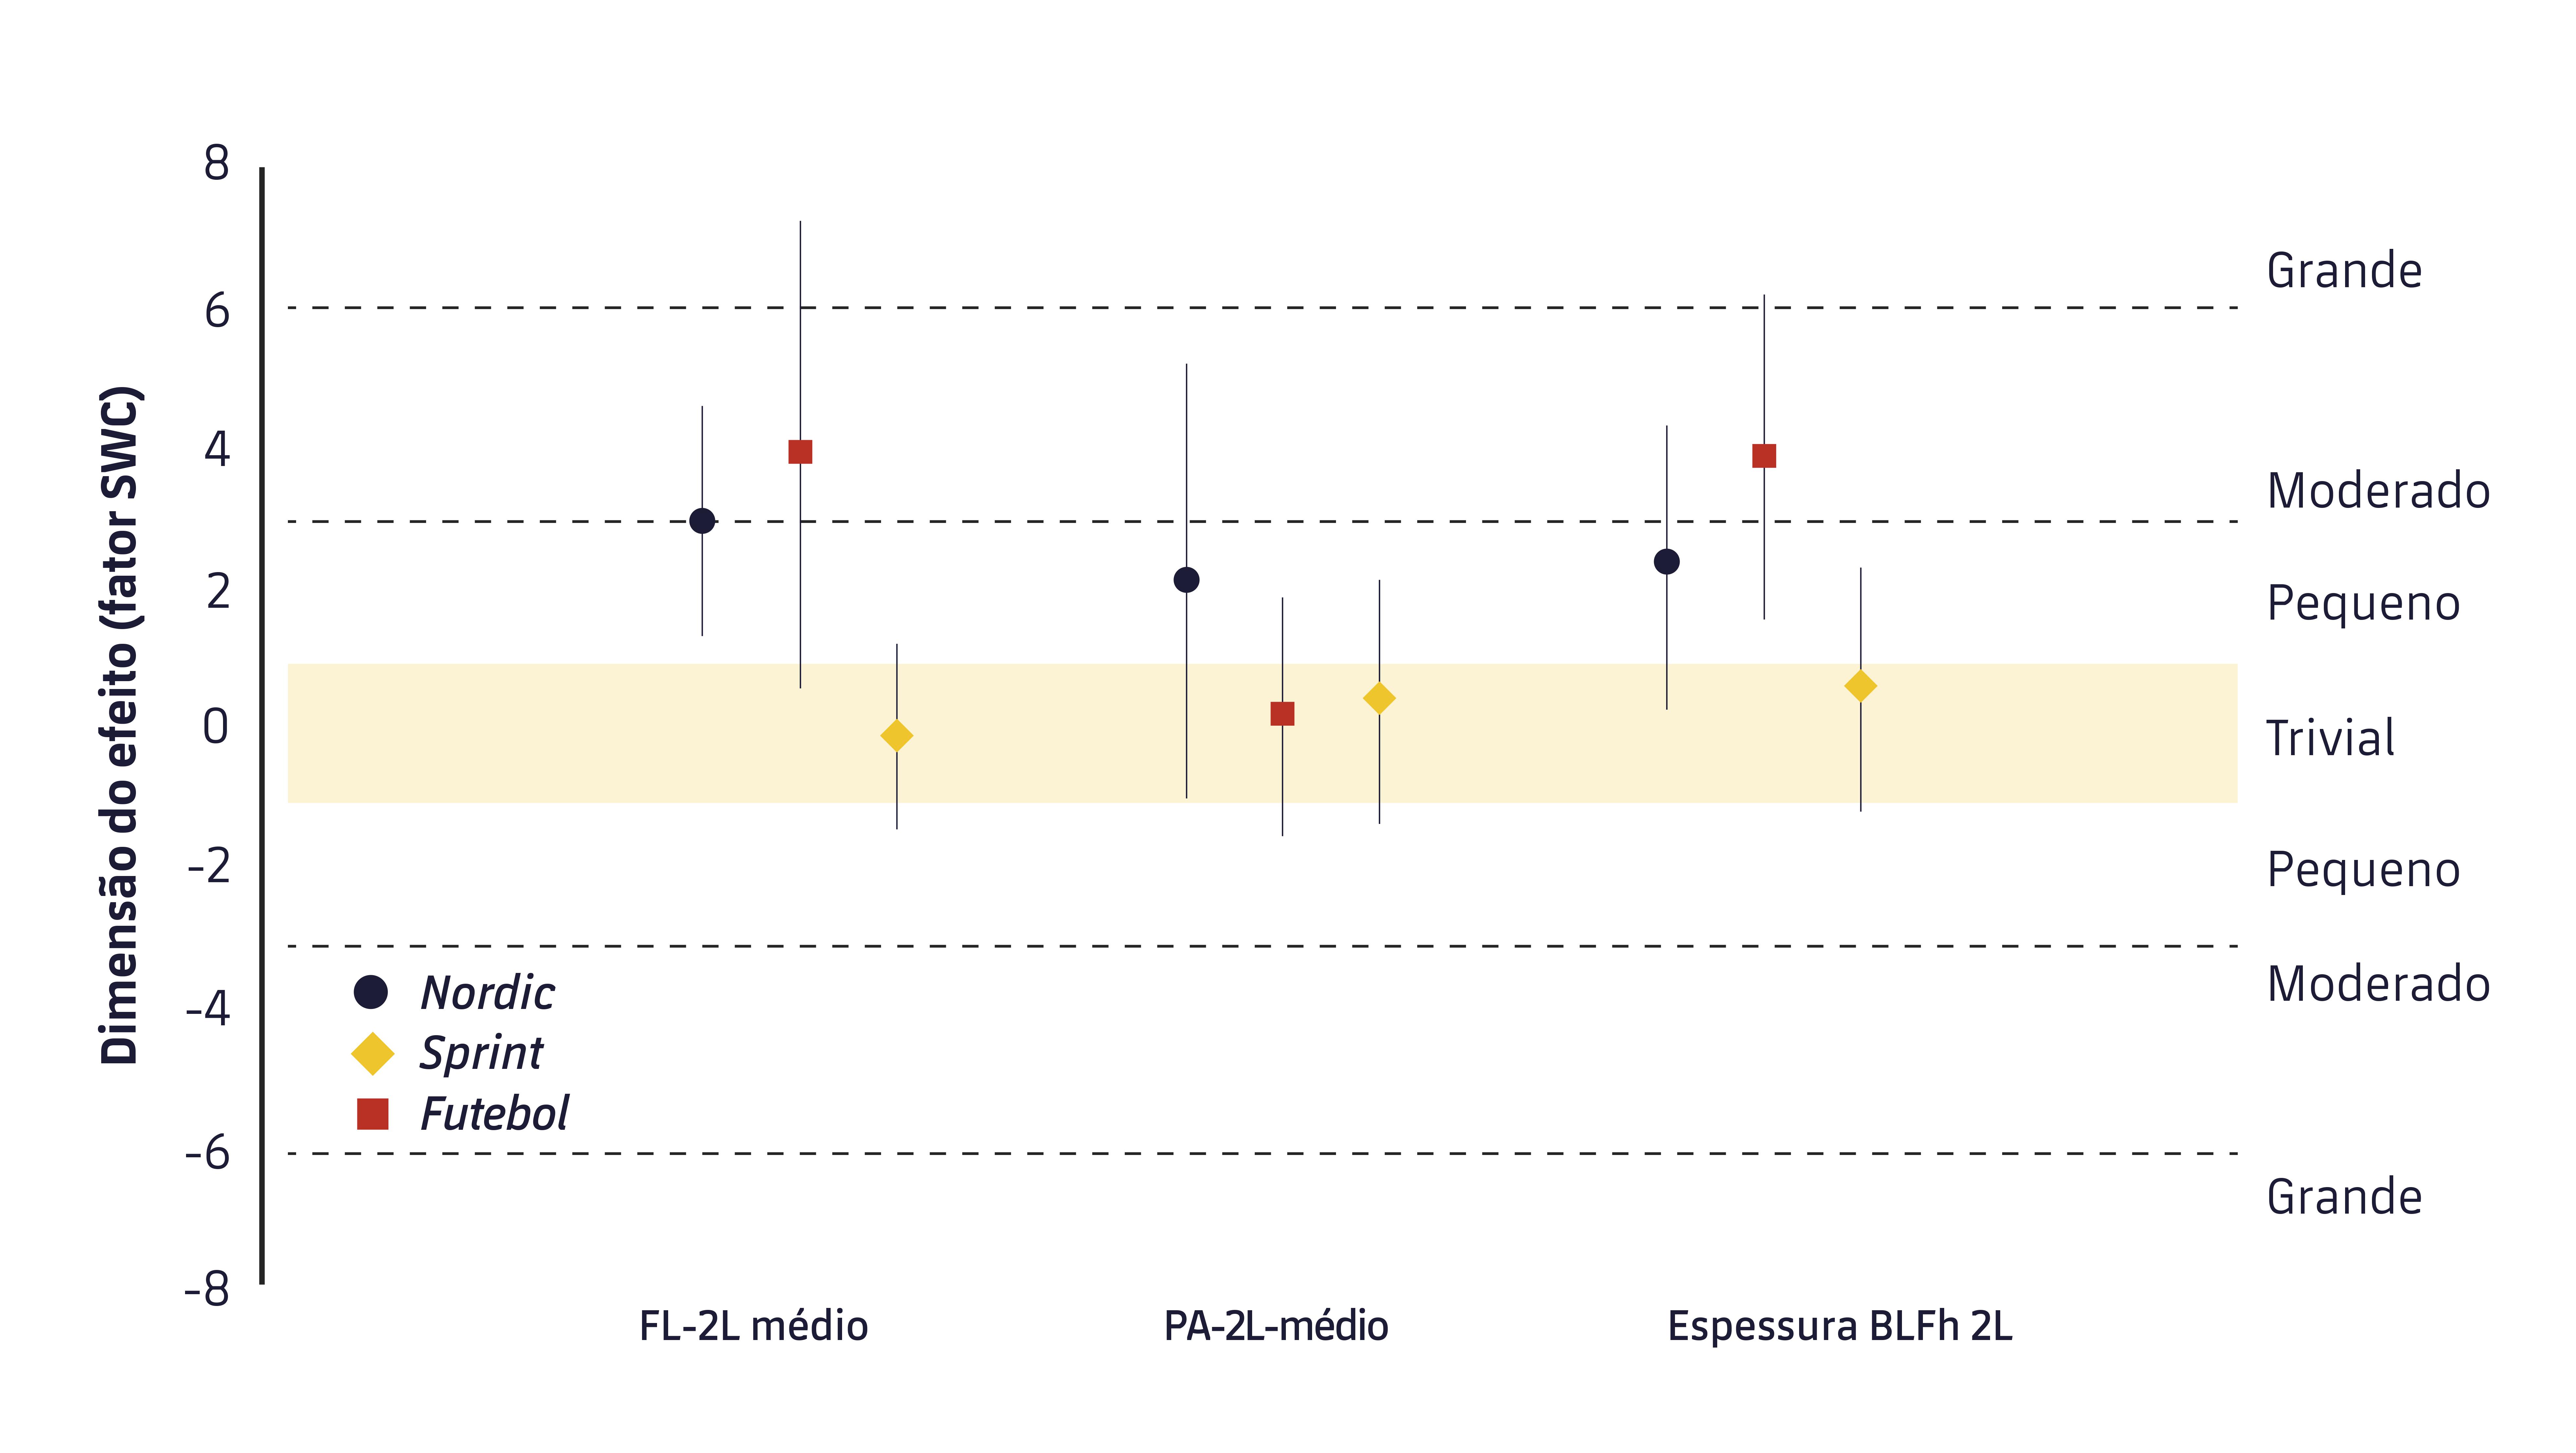 O alcance das alterações pré e pós nas principais variáveis arquitetônicas da musculatura dos isquiotibiais. FL-2L: tamanho da fáscia média para as duas pernas; PA-2L: ângulo de penetração média para as duas pernas; Espessura BLFh 2I: espessura média das duas pernas da cabeça longa do bíceps femural.9